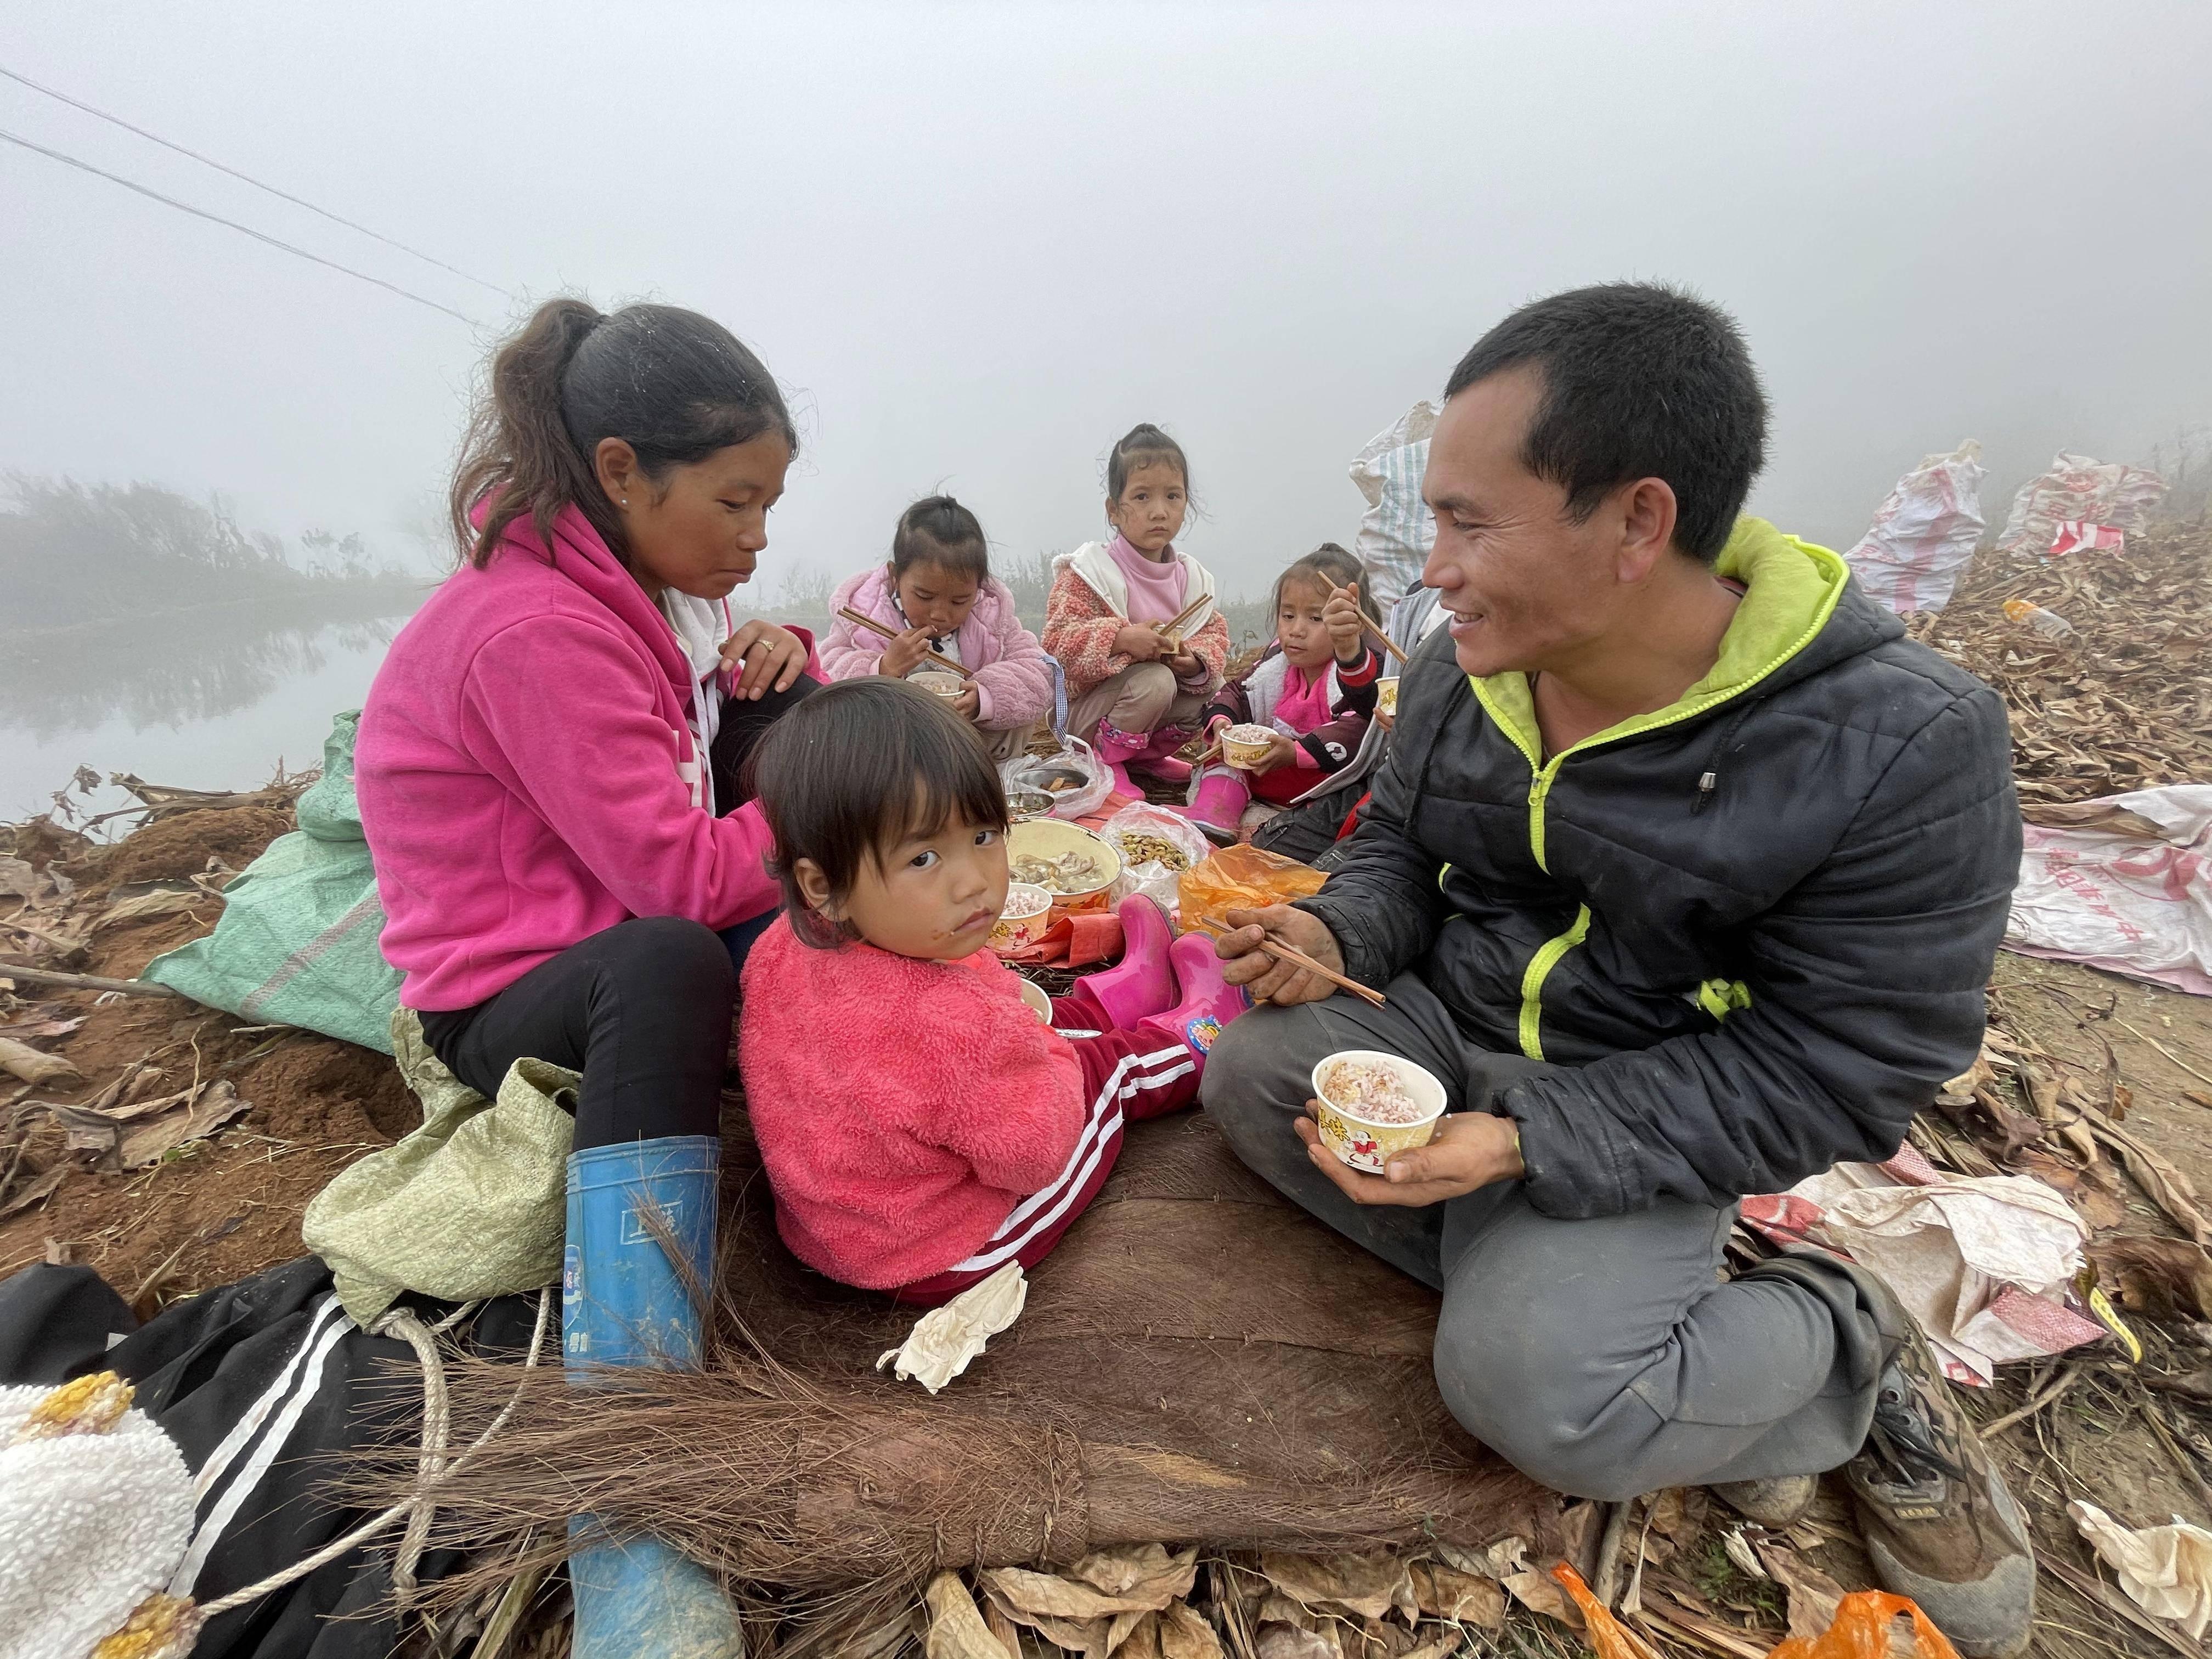 云南游遇勤劳温馨一家人:爷爷47岁有三个儿,最小儿生了五个娃